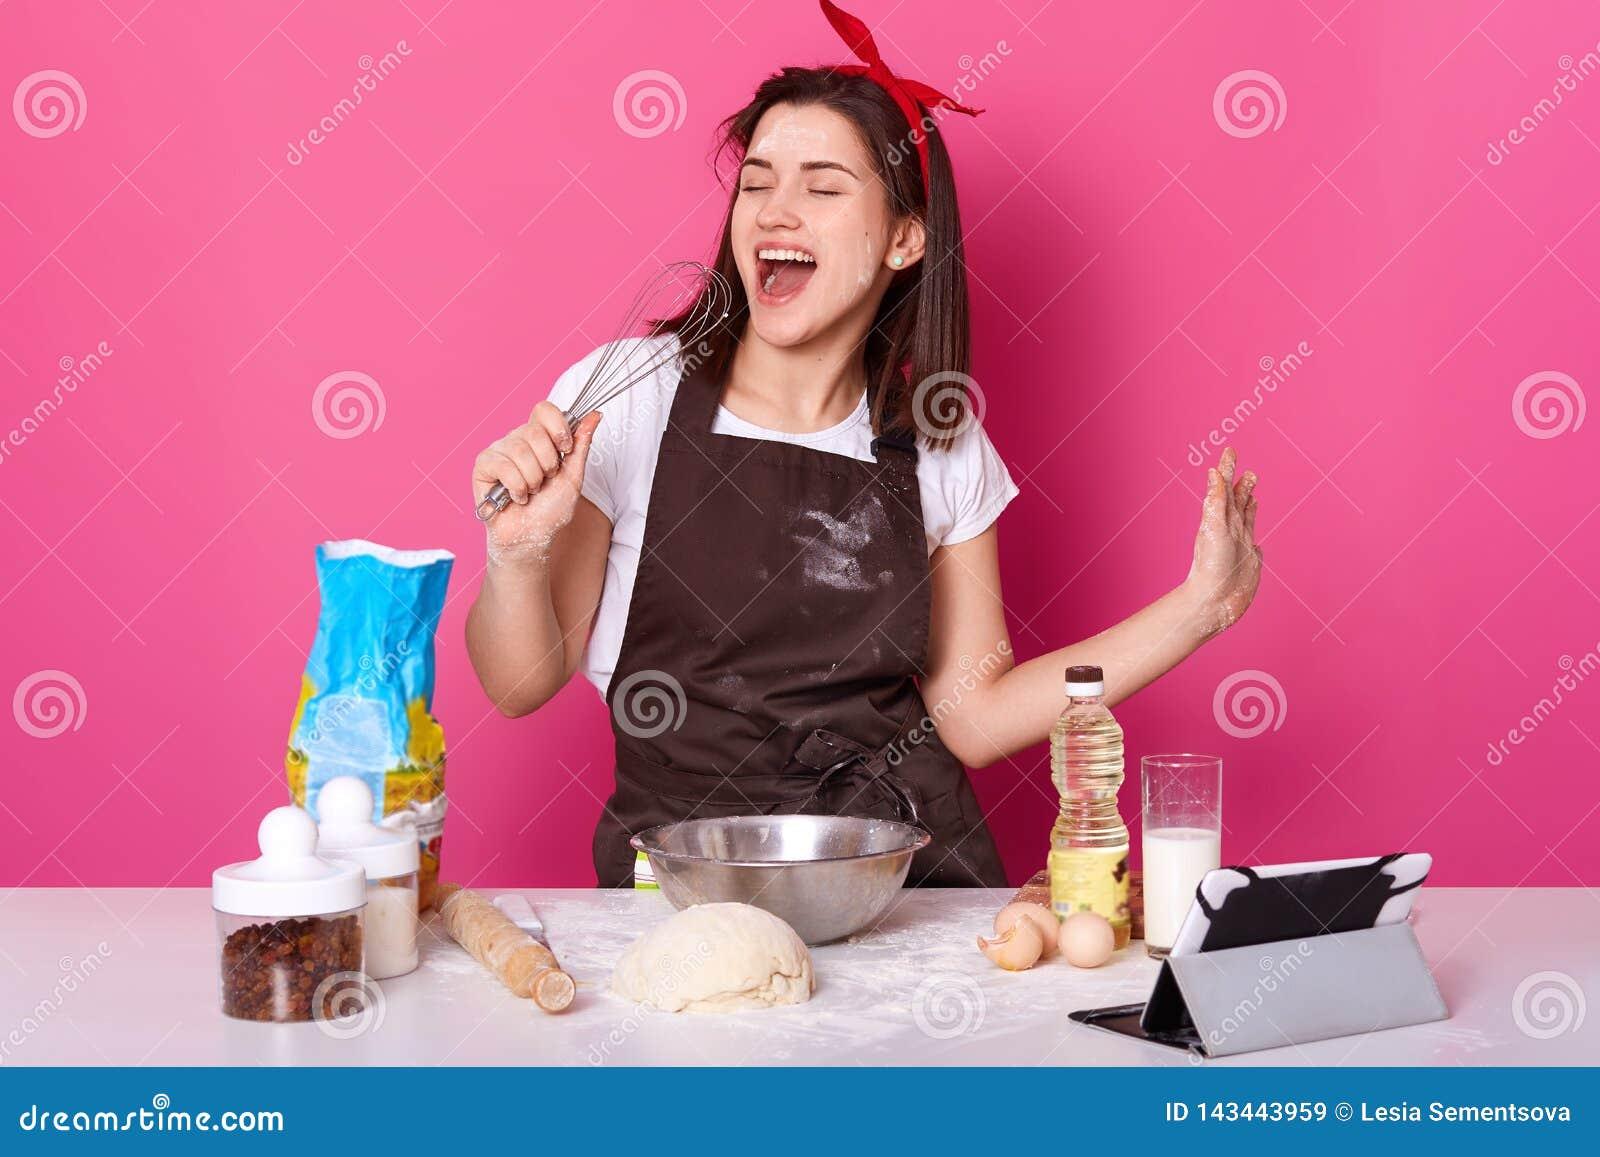 做蛋糕的美女照片 夫人站立在玫瑰色墙壁,拿着飞奔作为话筒并且唱歌曲,听的音乐一会儿